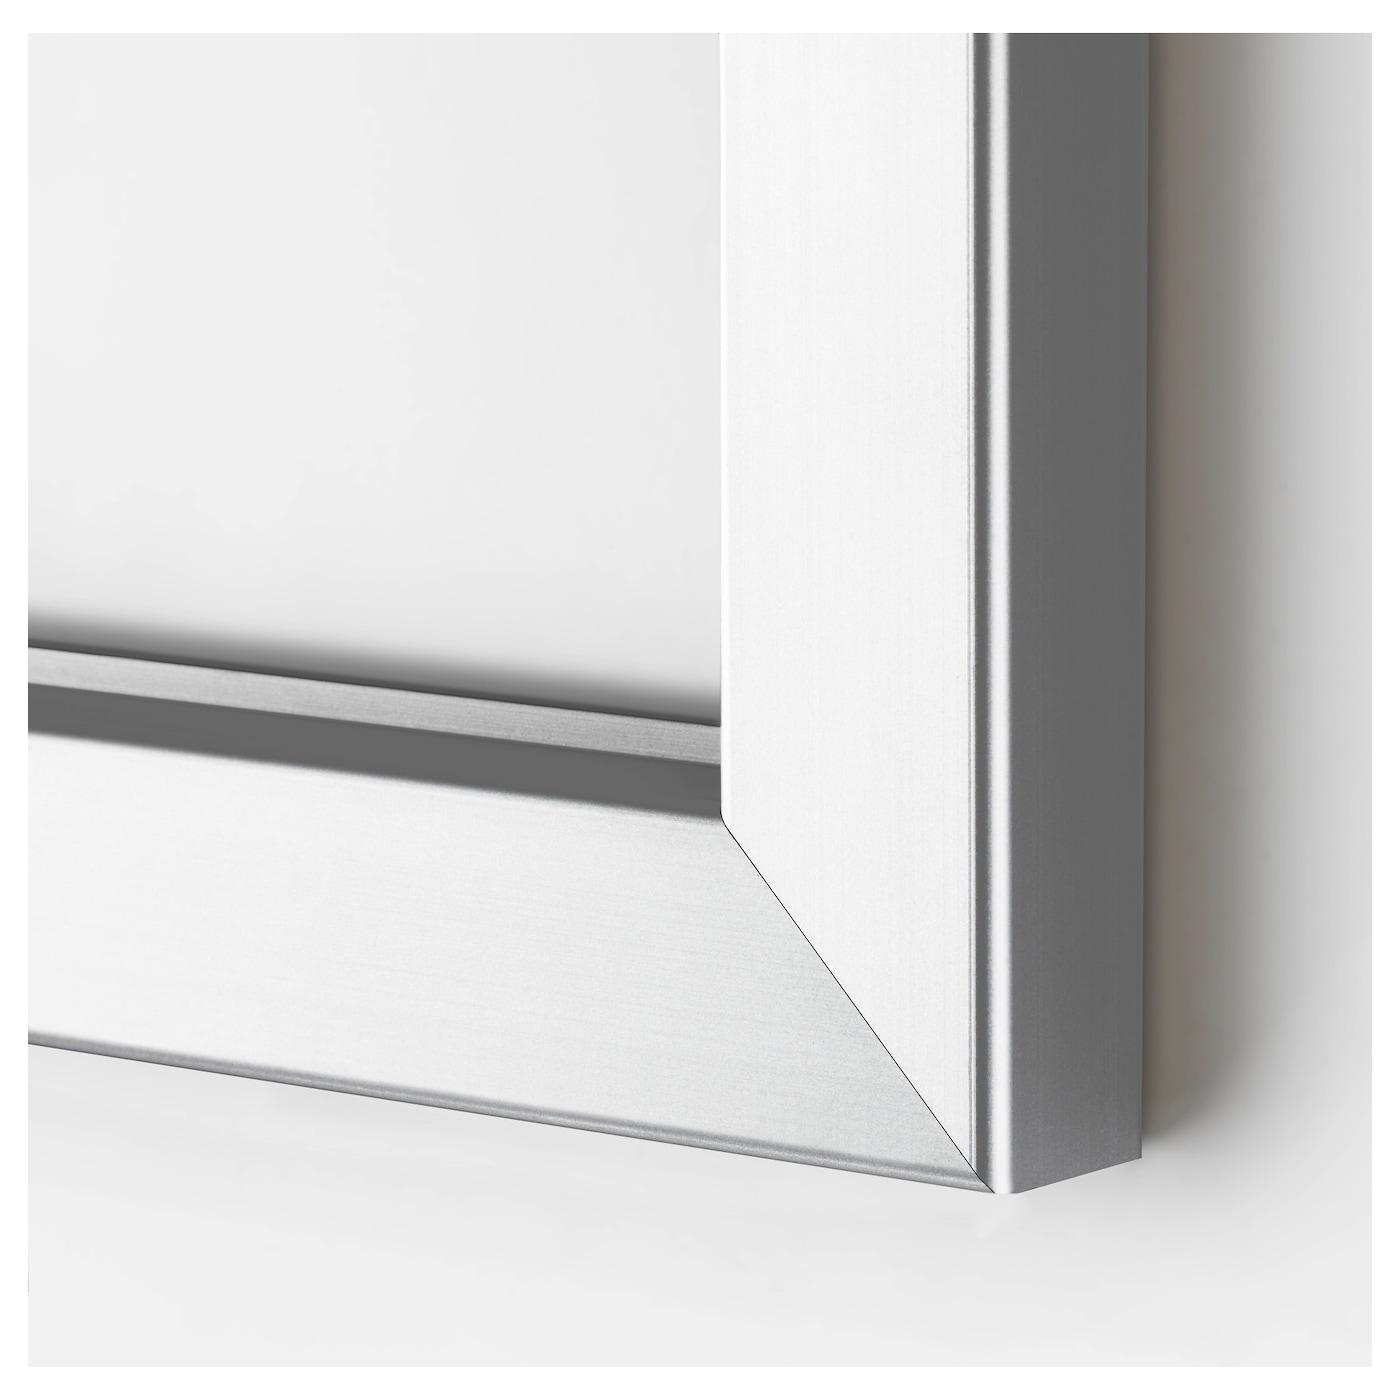 BJÖRKSTA Képkeret, alumínium színű, 78x118 cm